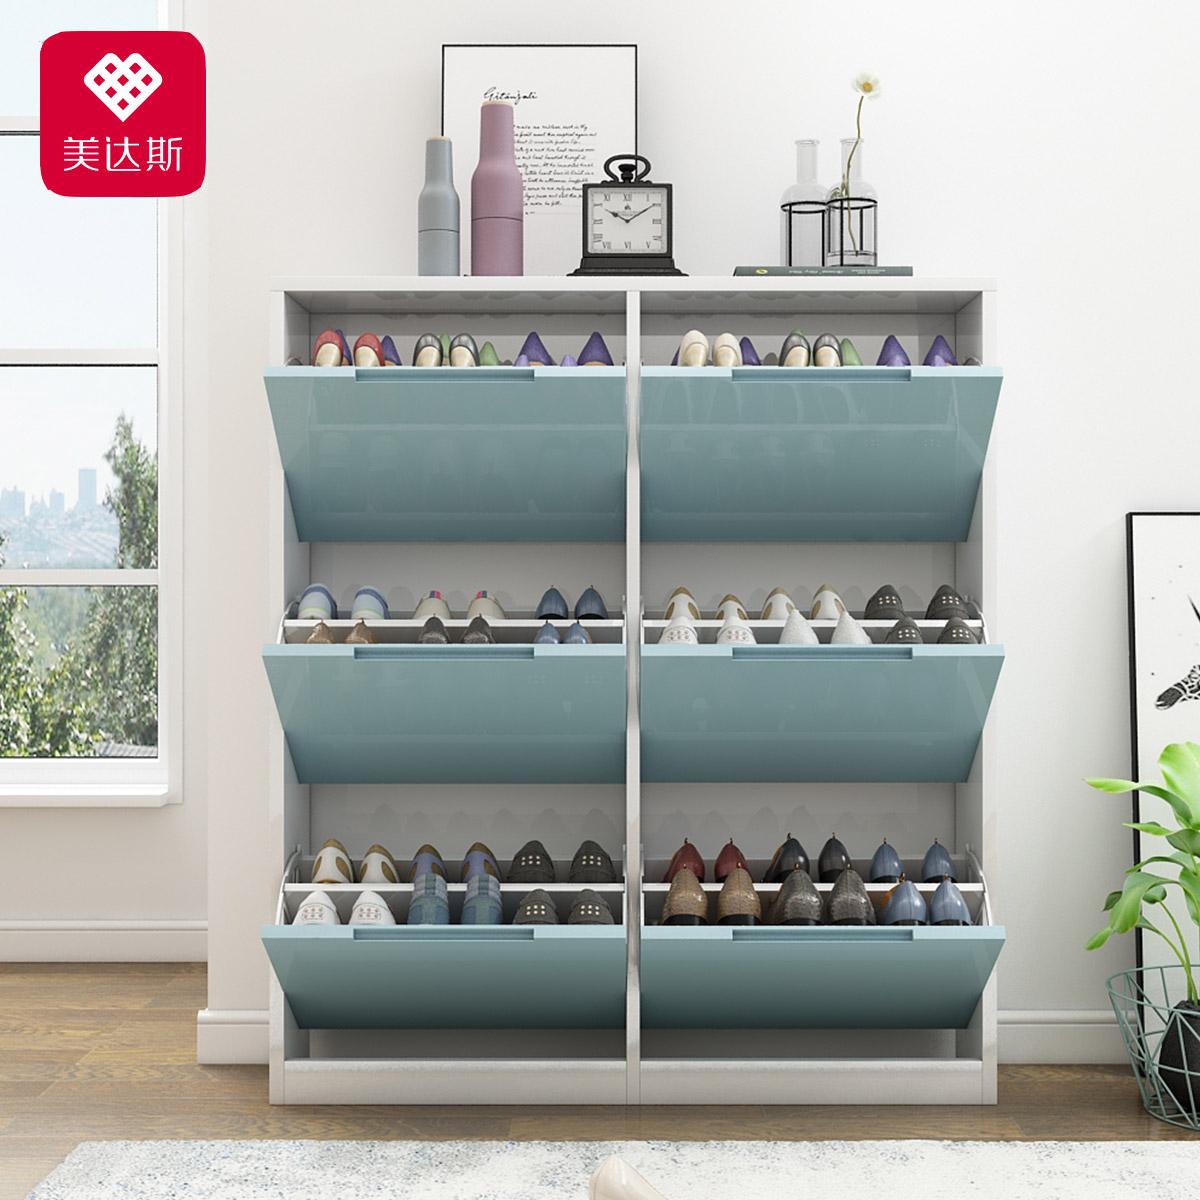 美达斯超薄鞋柜烤漆翻斗鞋柜现代简约大容量门厅储物柜玄关柜鞋架